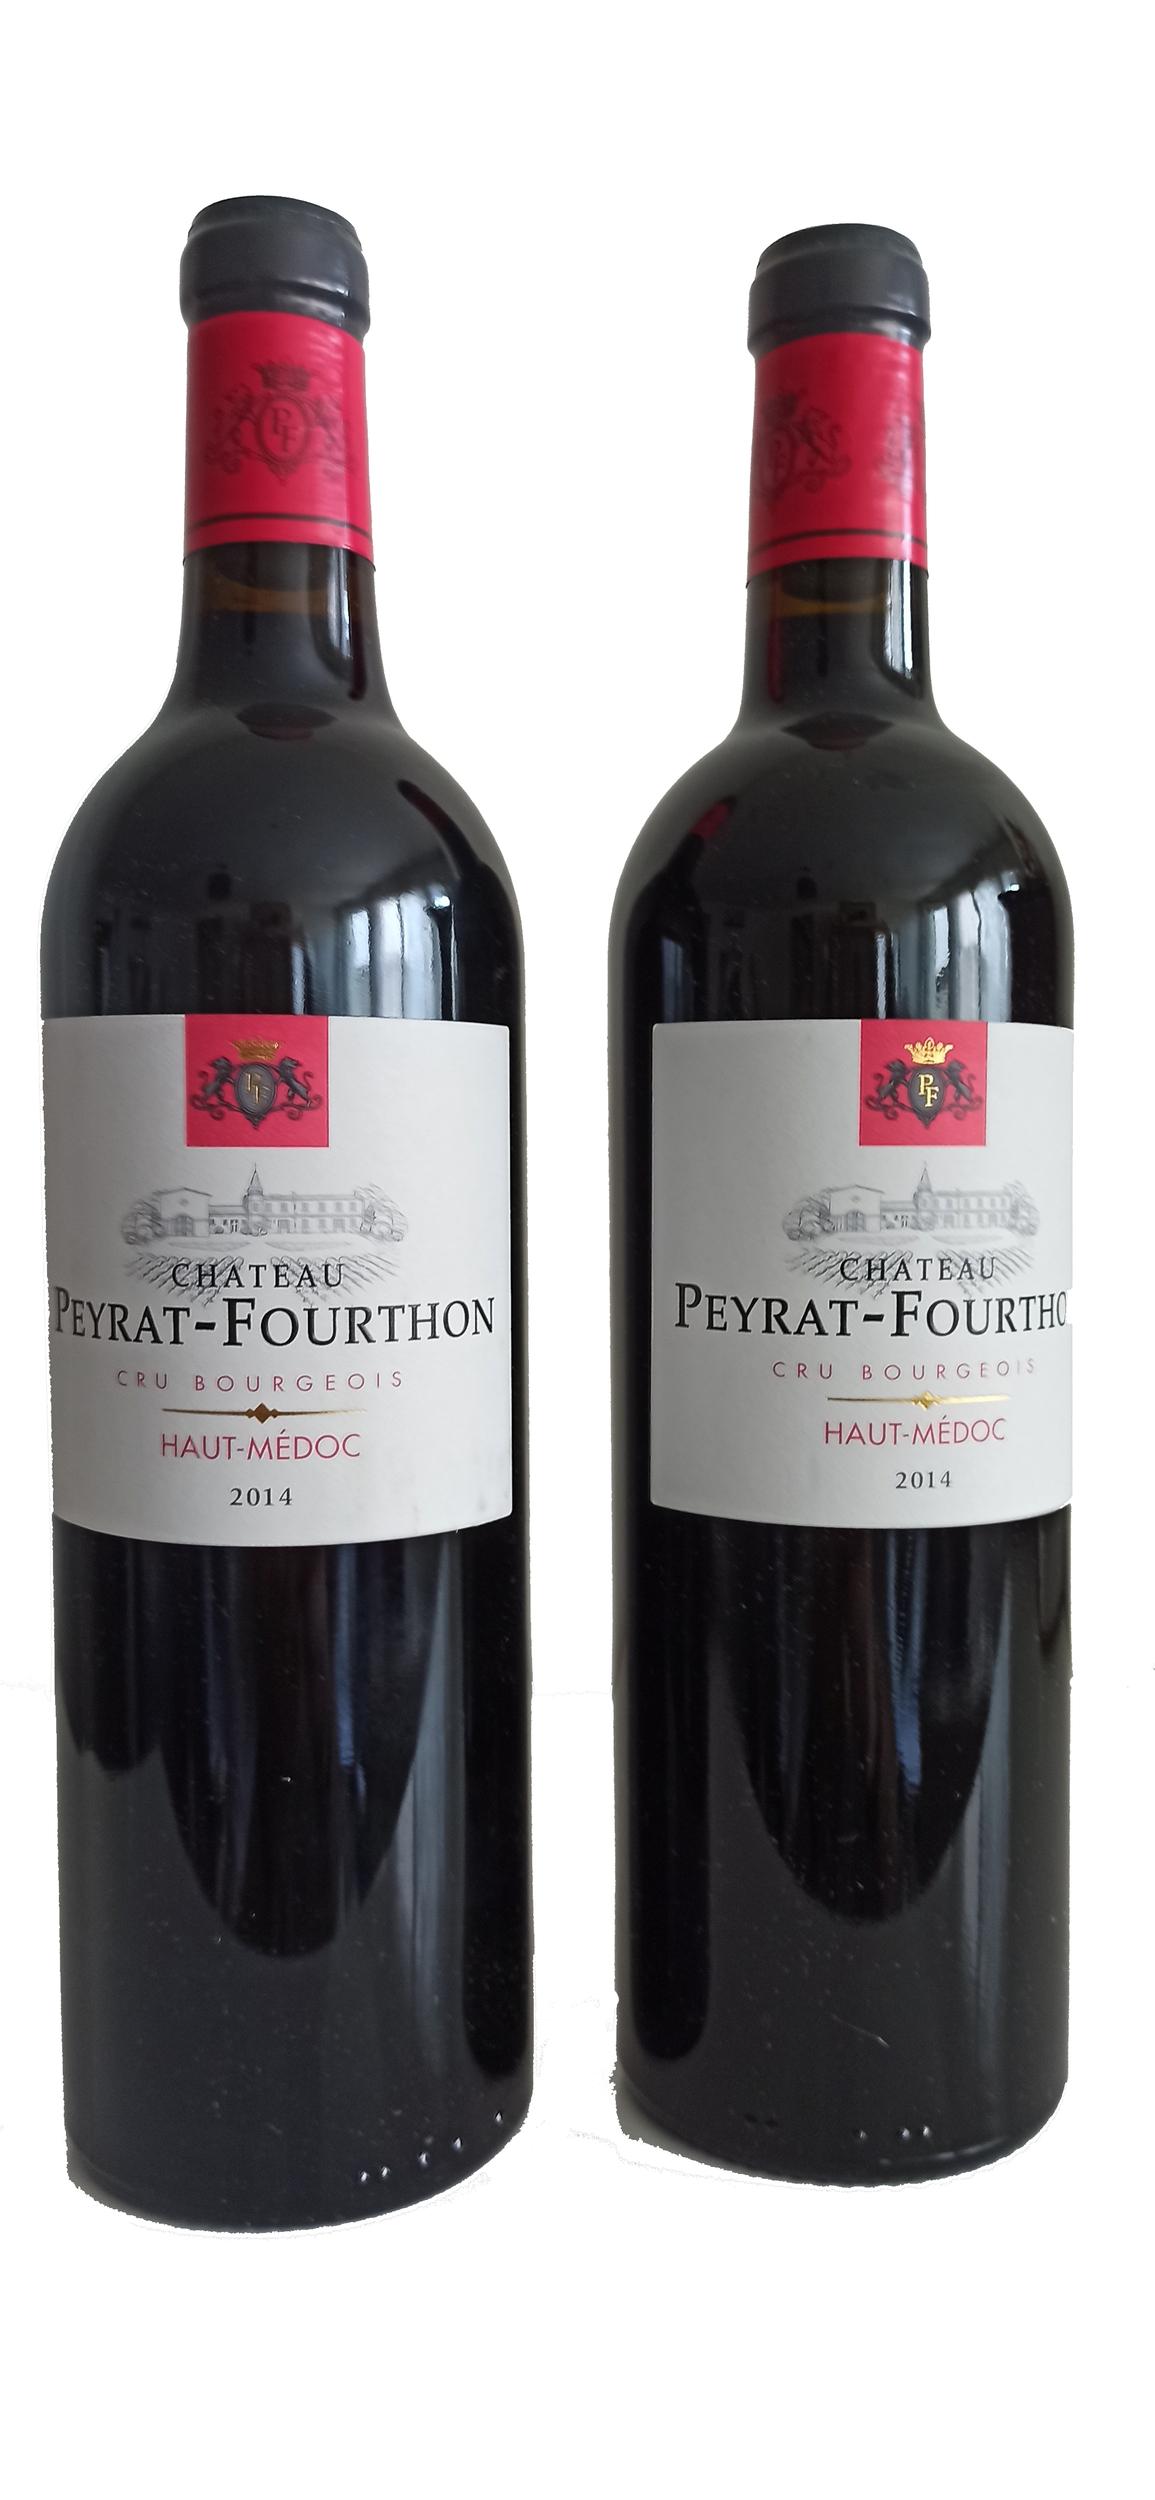 Château Peyrat-Fourthon Haut Médoc 2014 Rouge par 2 bouteilles